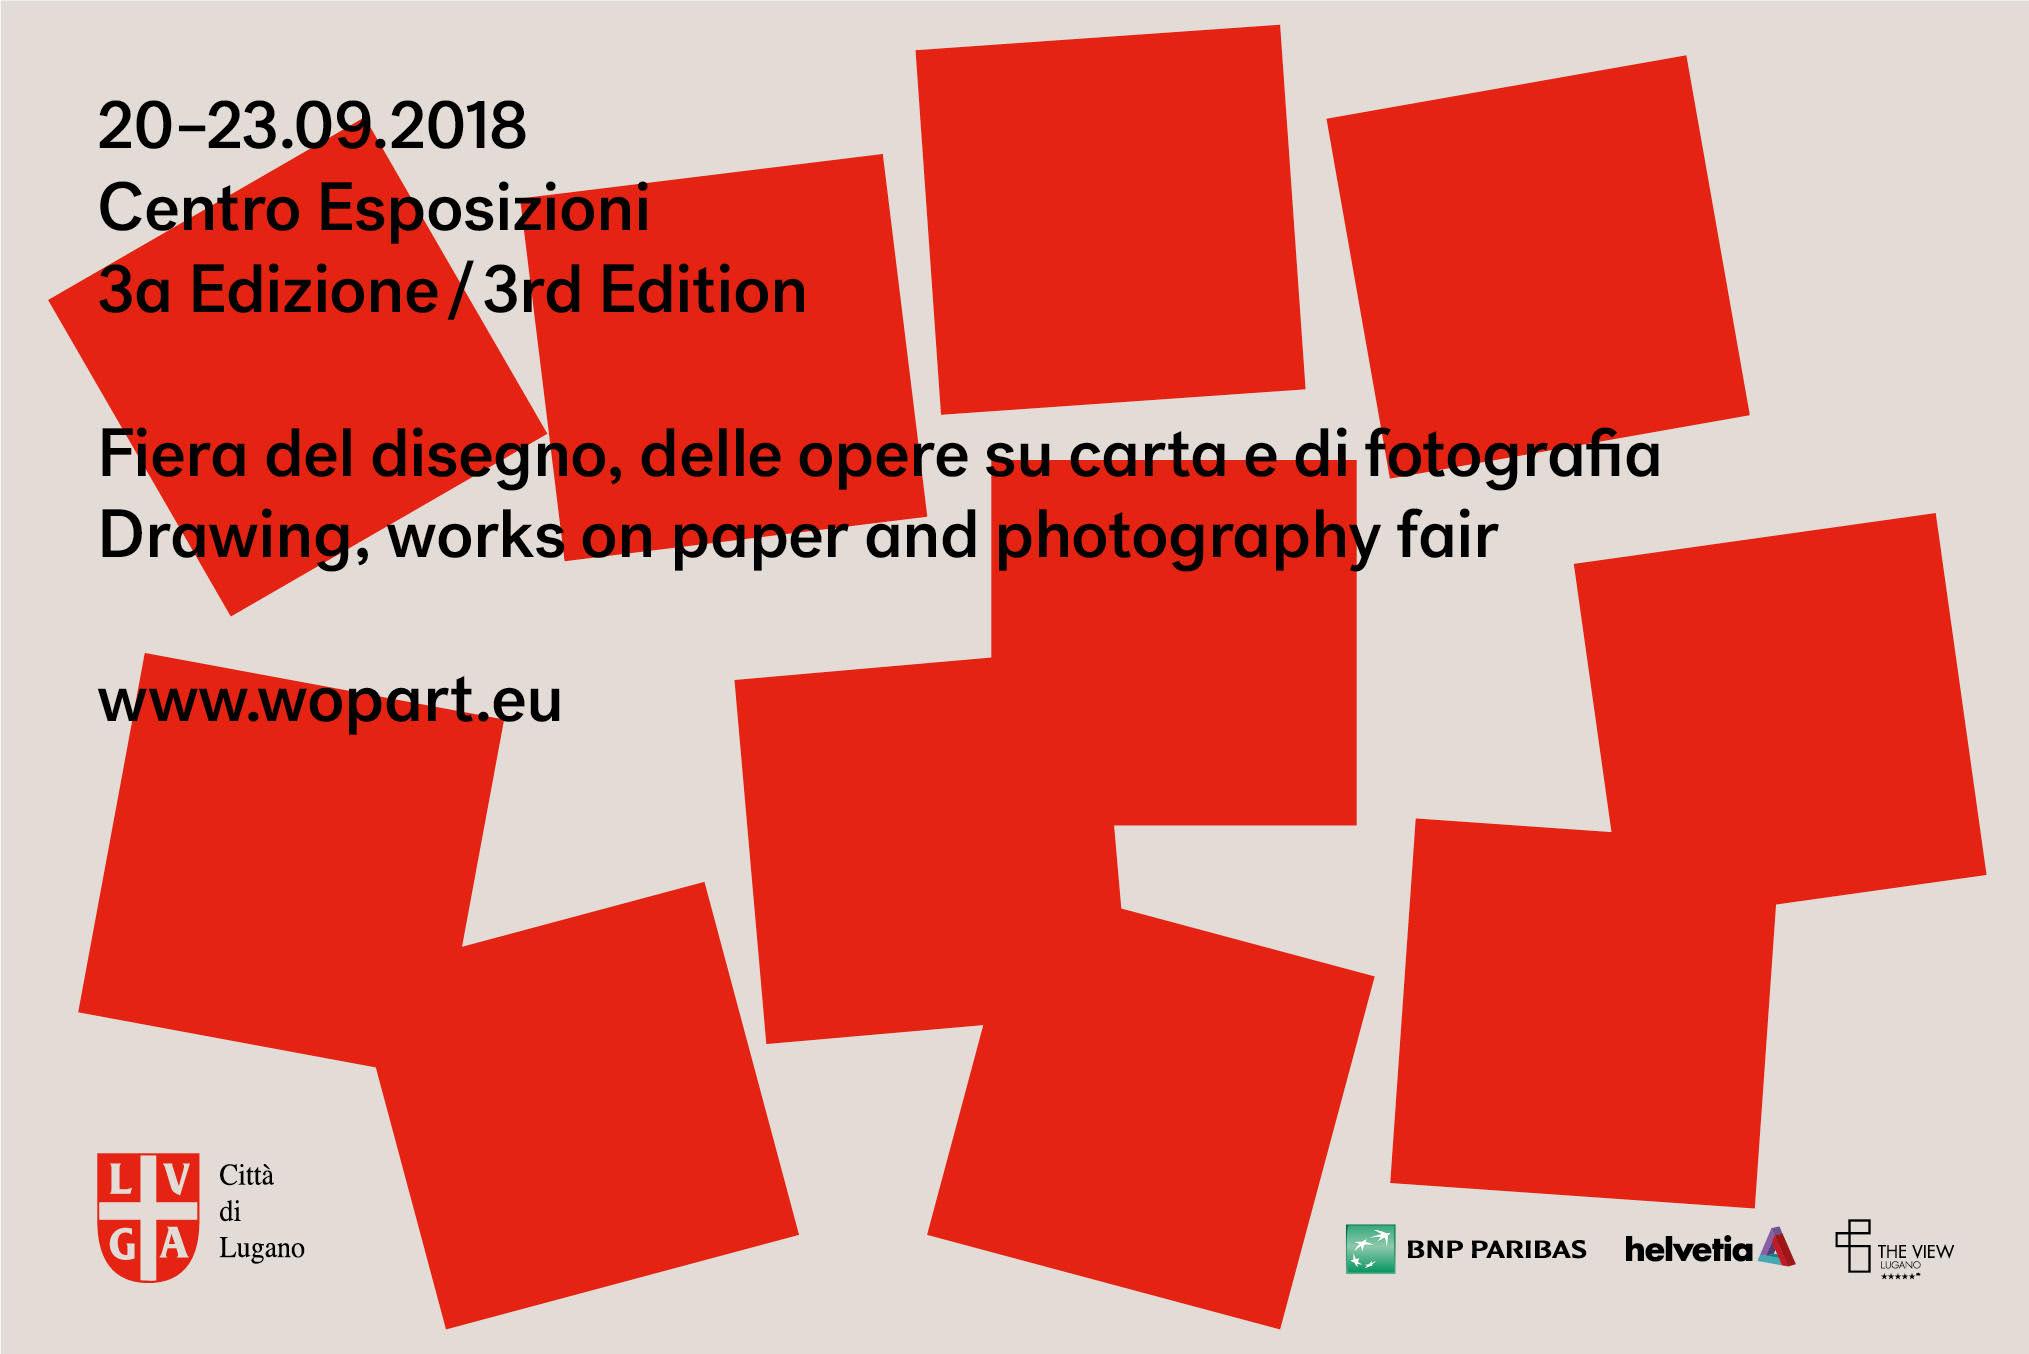 WOPART fiera internazionale dedicata alle opere d'arte su carta Lugano da 21 al 23 settembre 2018  - WOPART fiera internazionale dedicata alle opere d'arte su carta Lugano da 21 al 23 settembre 2018